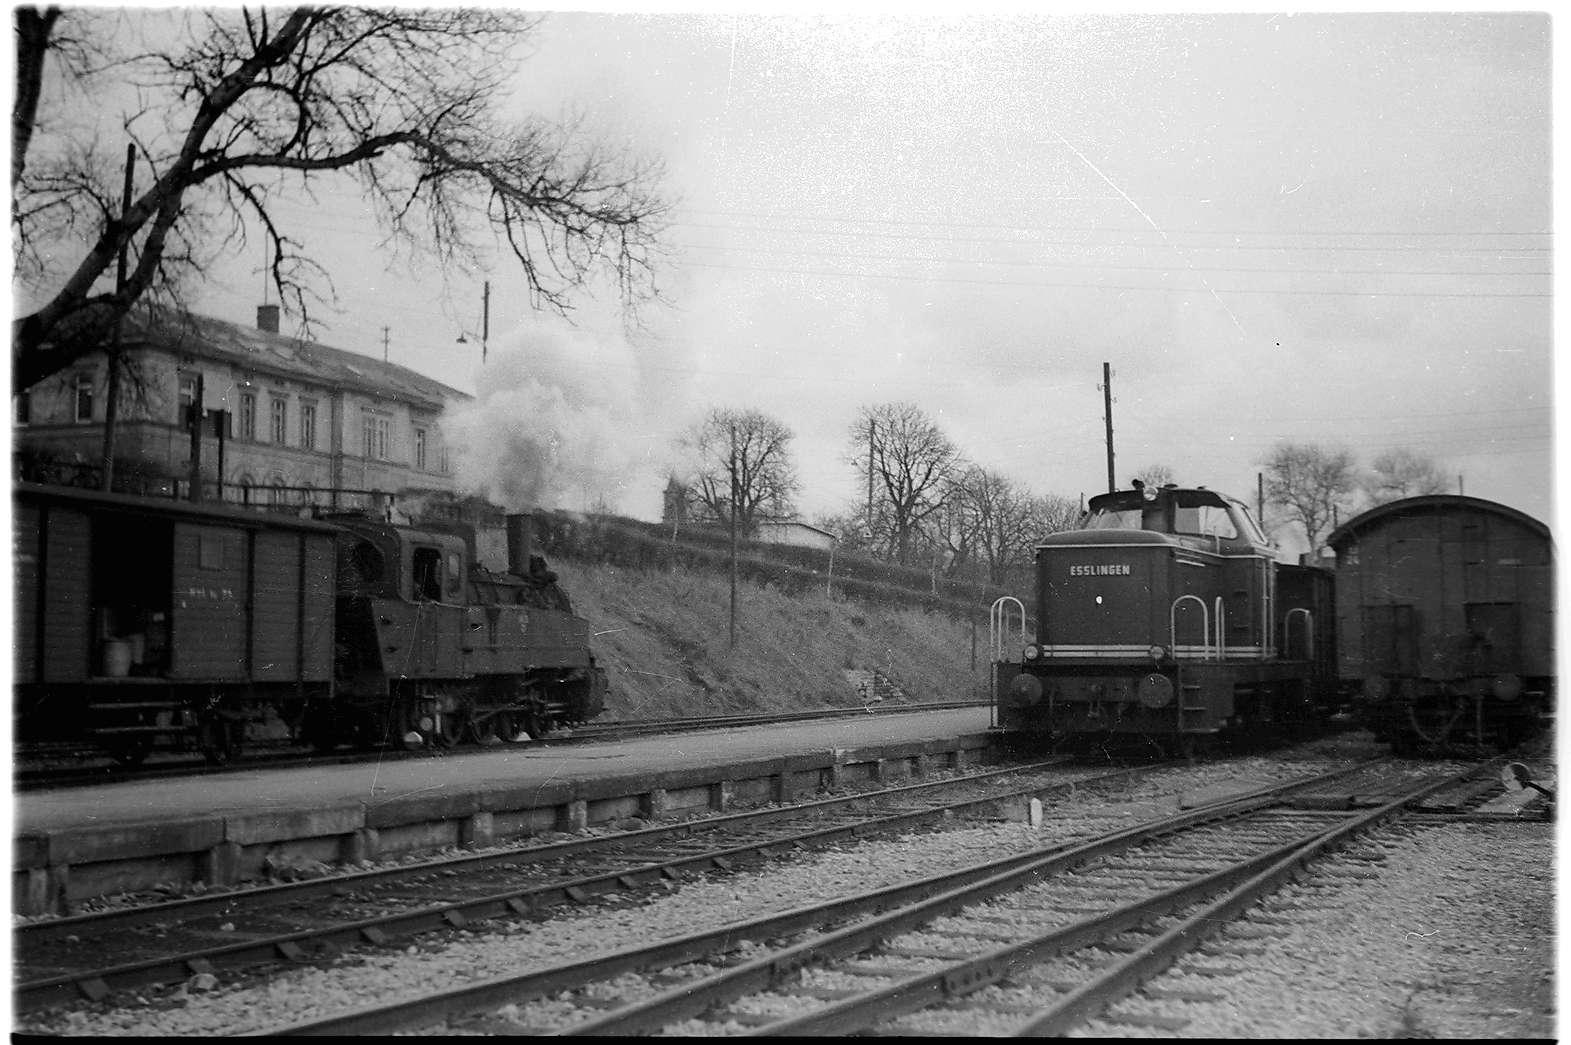 Bahnhof Hechingen, Lok 21 mit Güterzug 305, Diesellock V 81 mit Güterzug 304, Landesbahnhof, für Personenverkehr geschlossen seit 1997, Bild 1